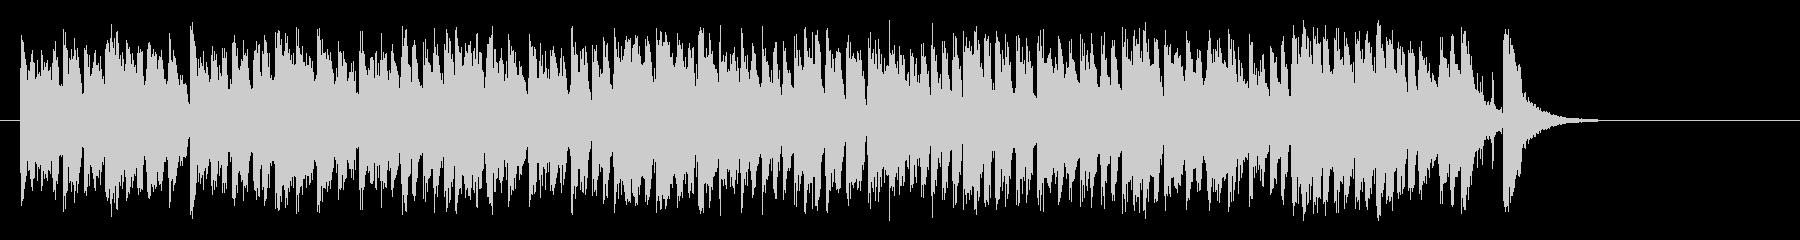 愛らしいコミカル調BGM(Bメロ~サビ)の未再生の波形